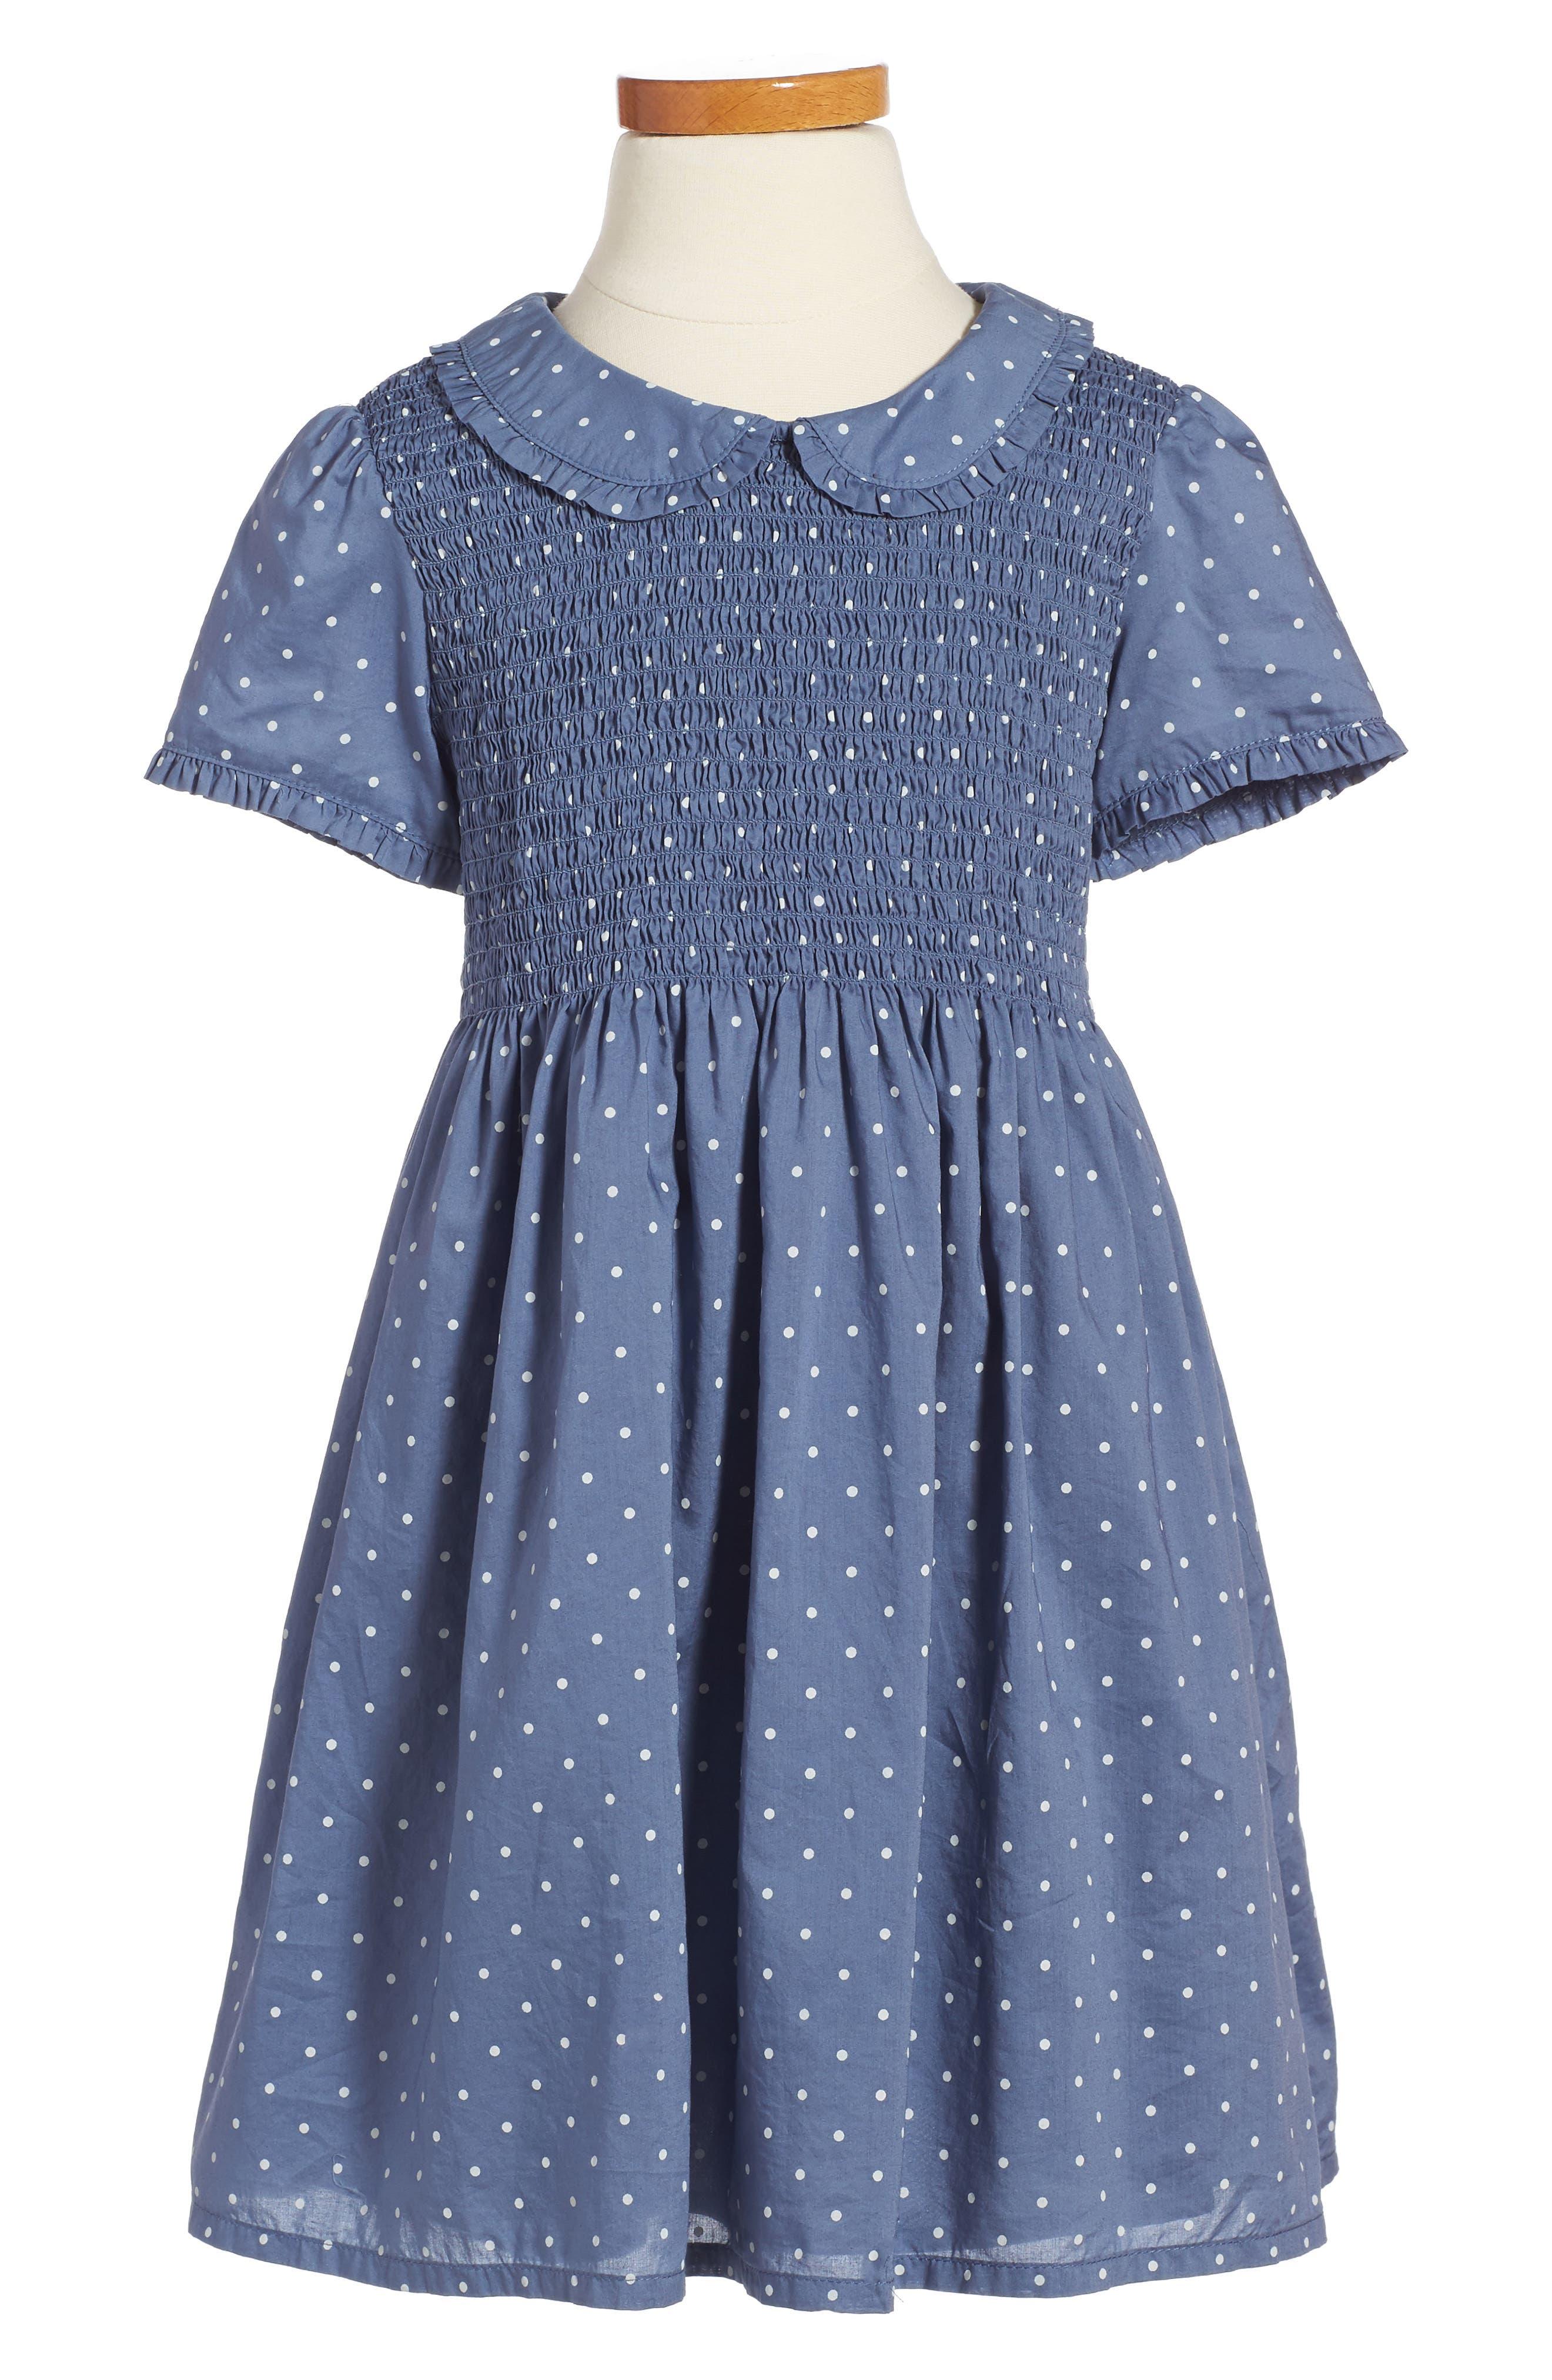 Alternate Image 1 Selected - Mini Boden Pretty Smock Dress (Toddler Girls, Little Girls & Big Girls)